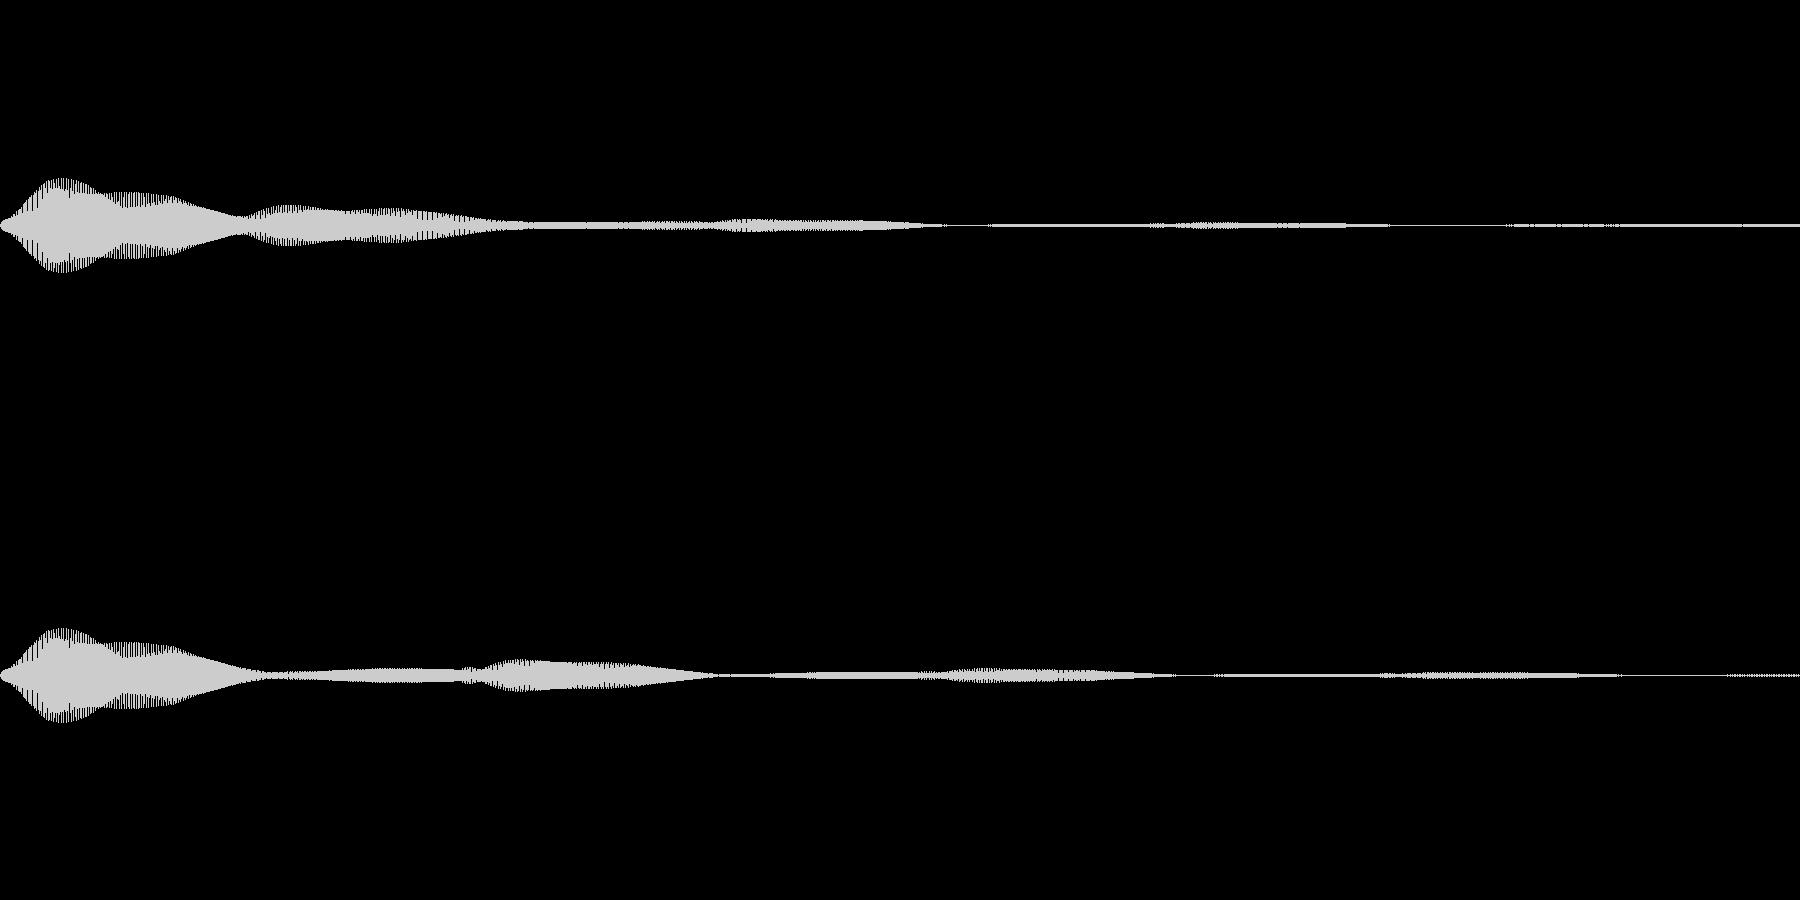 メニュー系SE 決定音1の未再生の波形